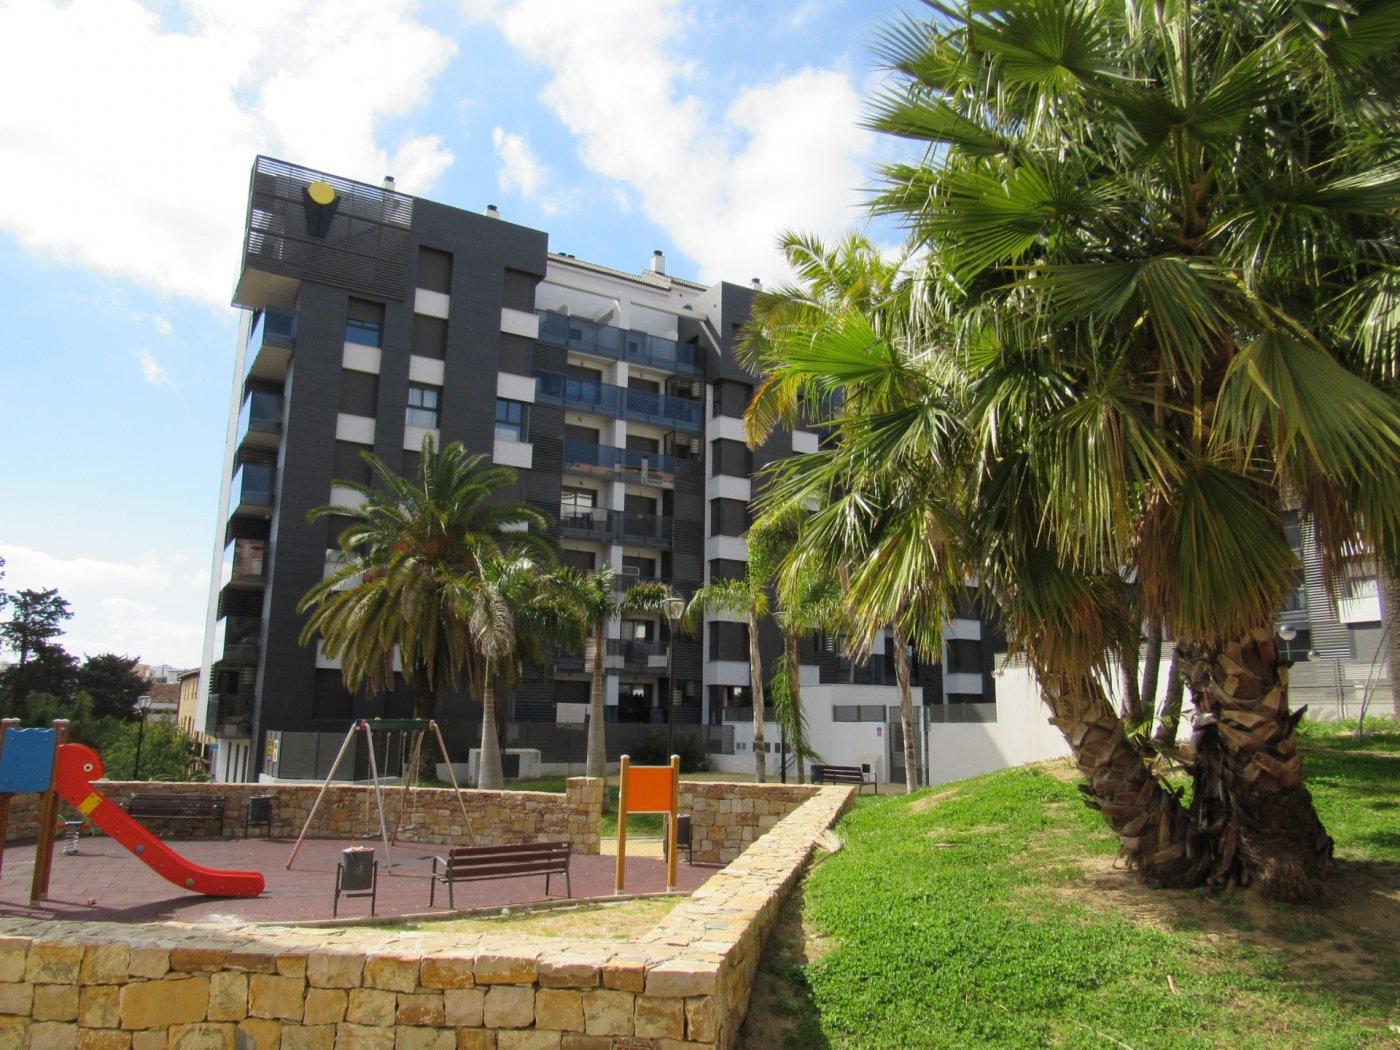 apartamento en algeciras · agustin-balsamo 74628.247514437€